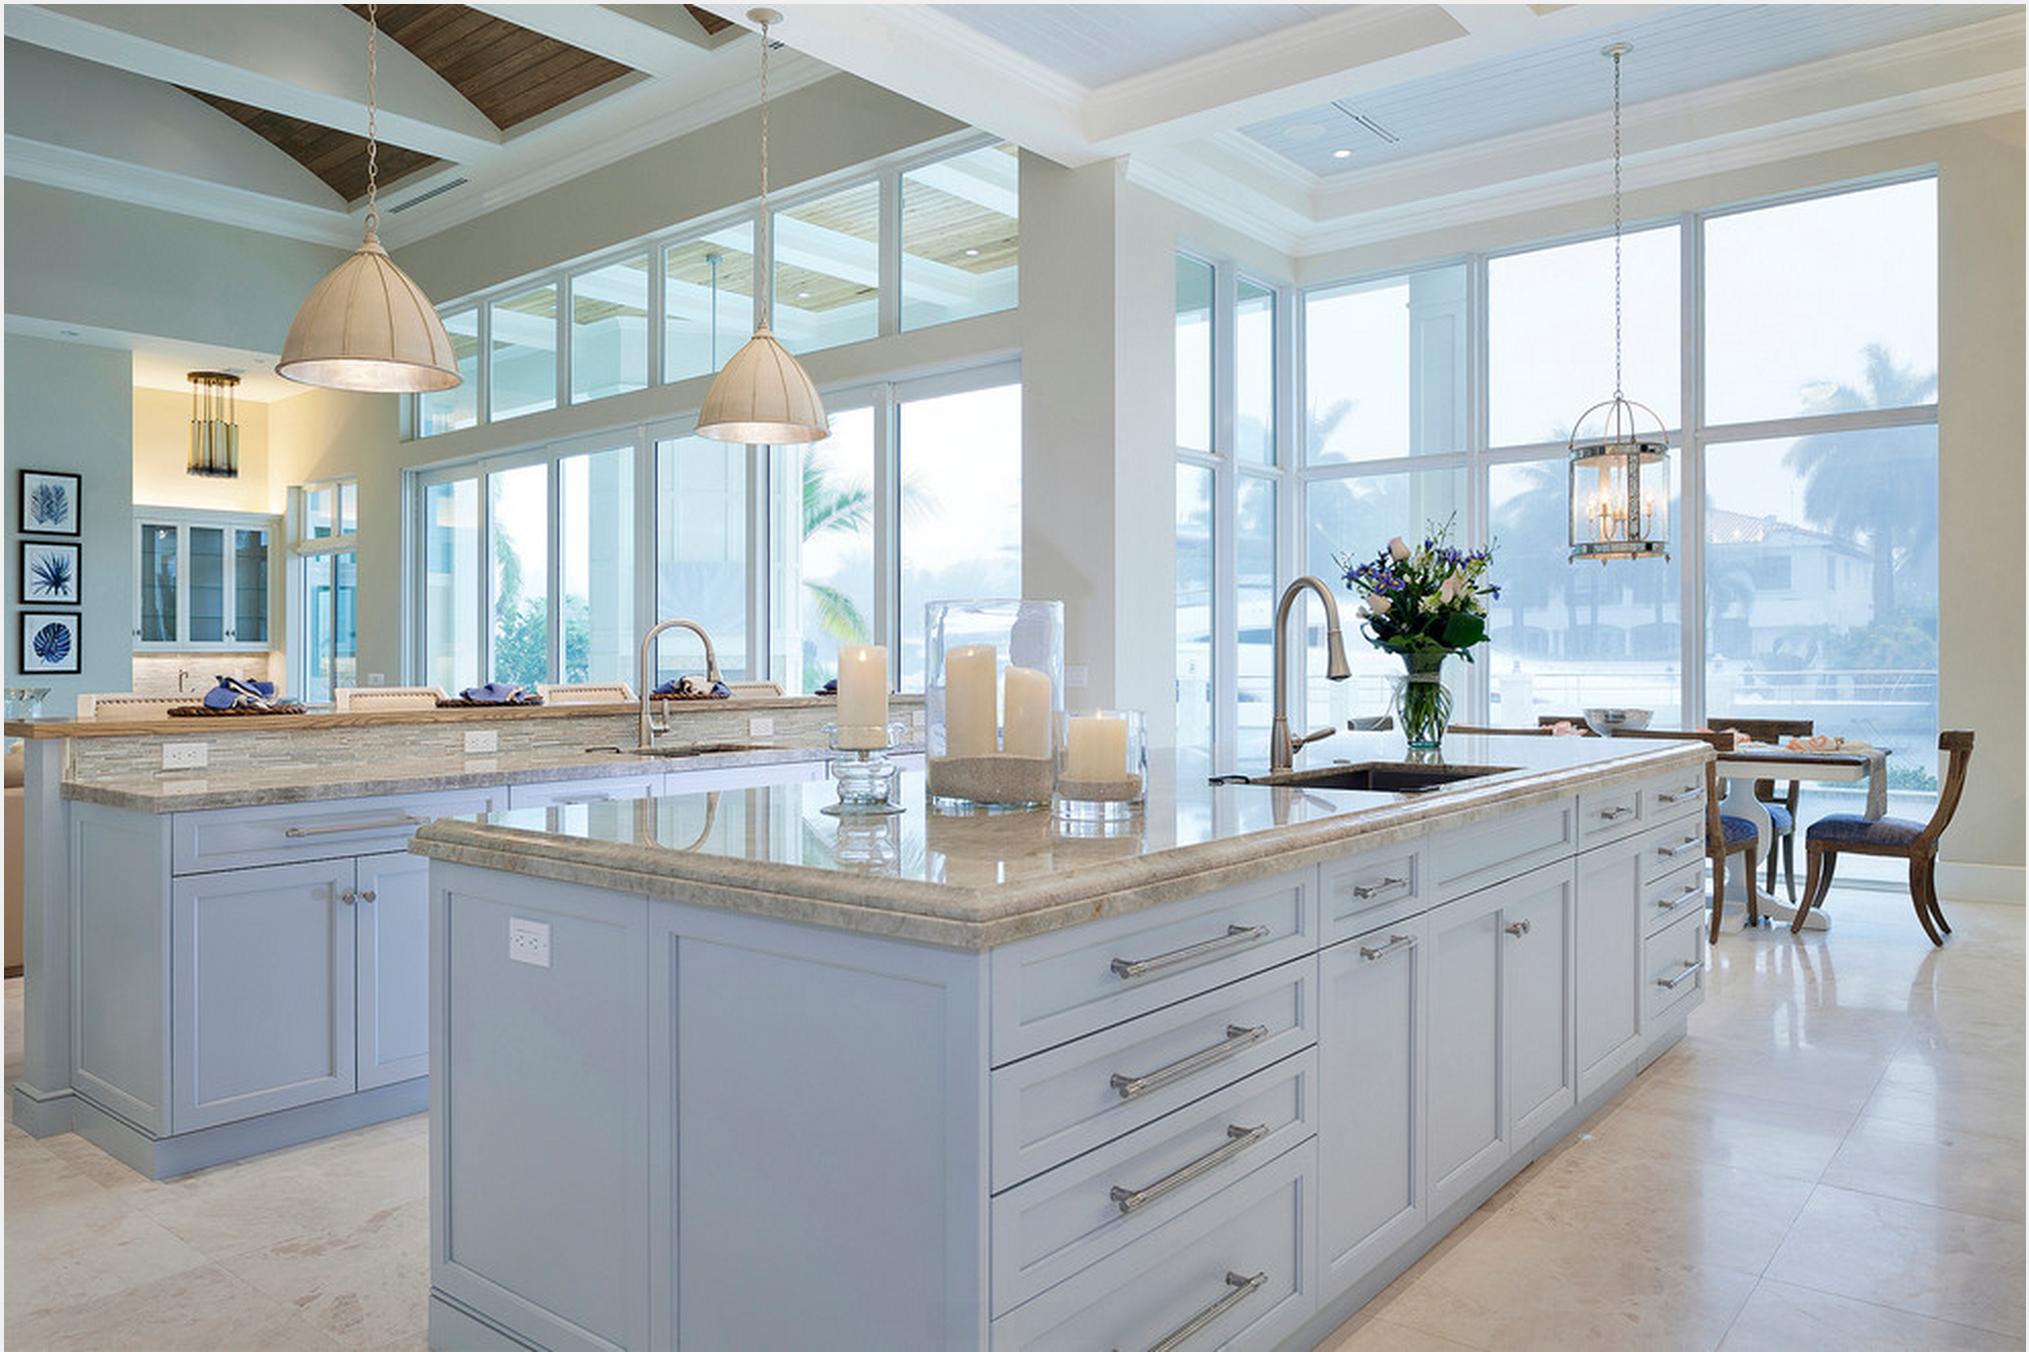 Übergangsküche, Marmor Arbeitsplatten, Fensterwand, Entwurf, Küchen,  Fotografie, Hellblau, Haushaltsgeräte